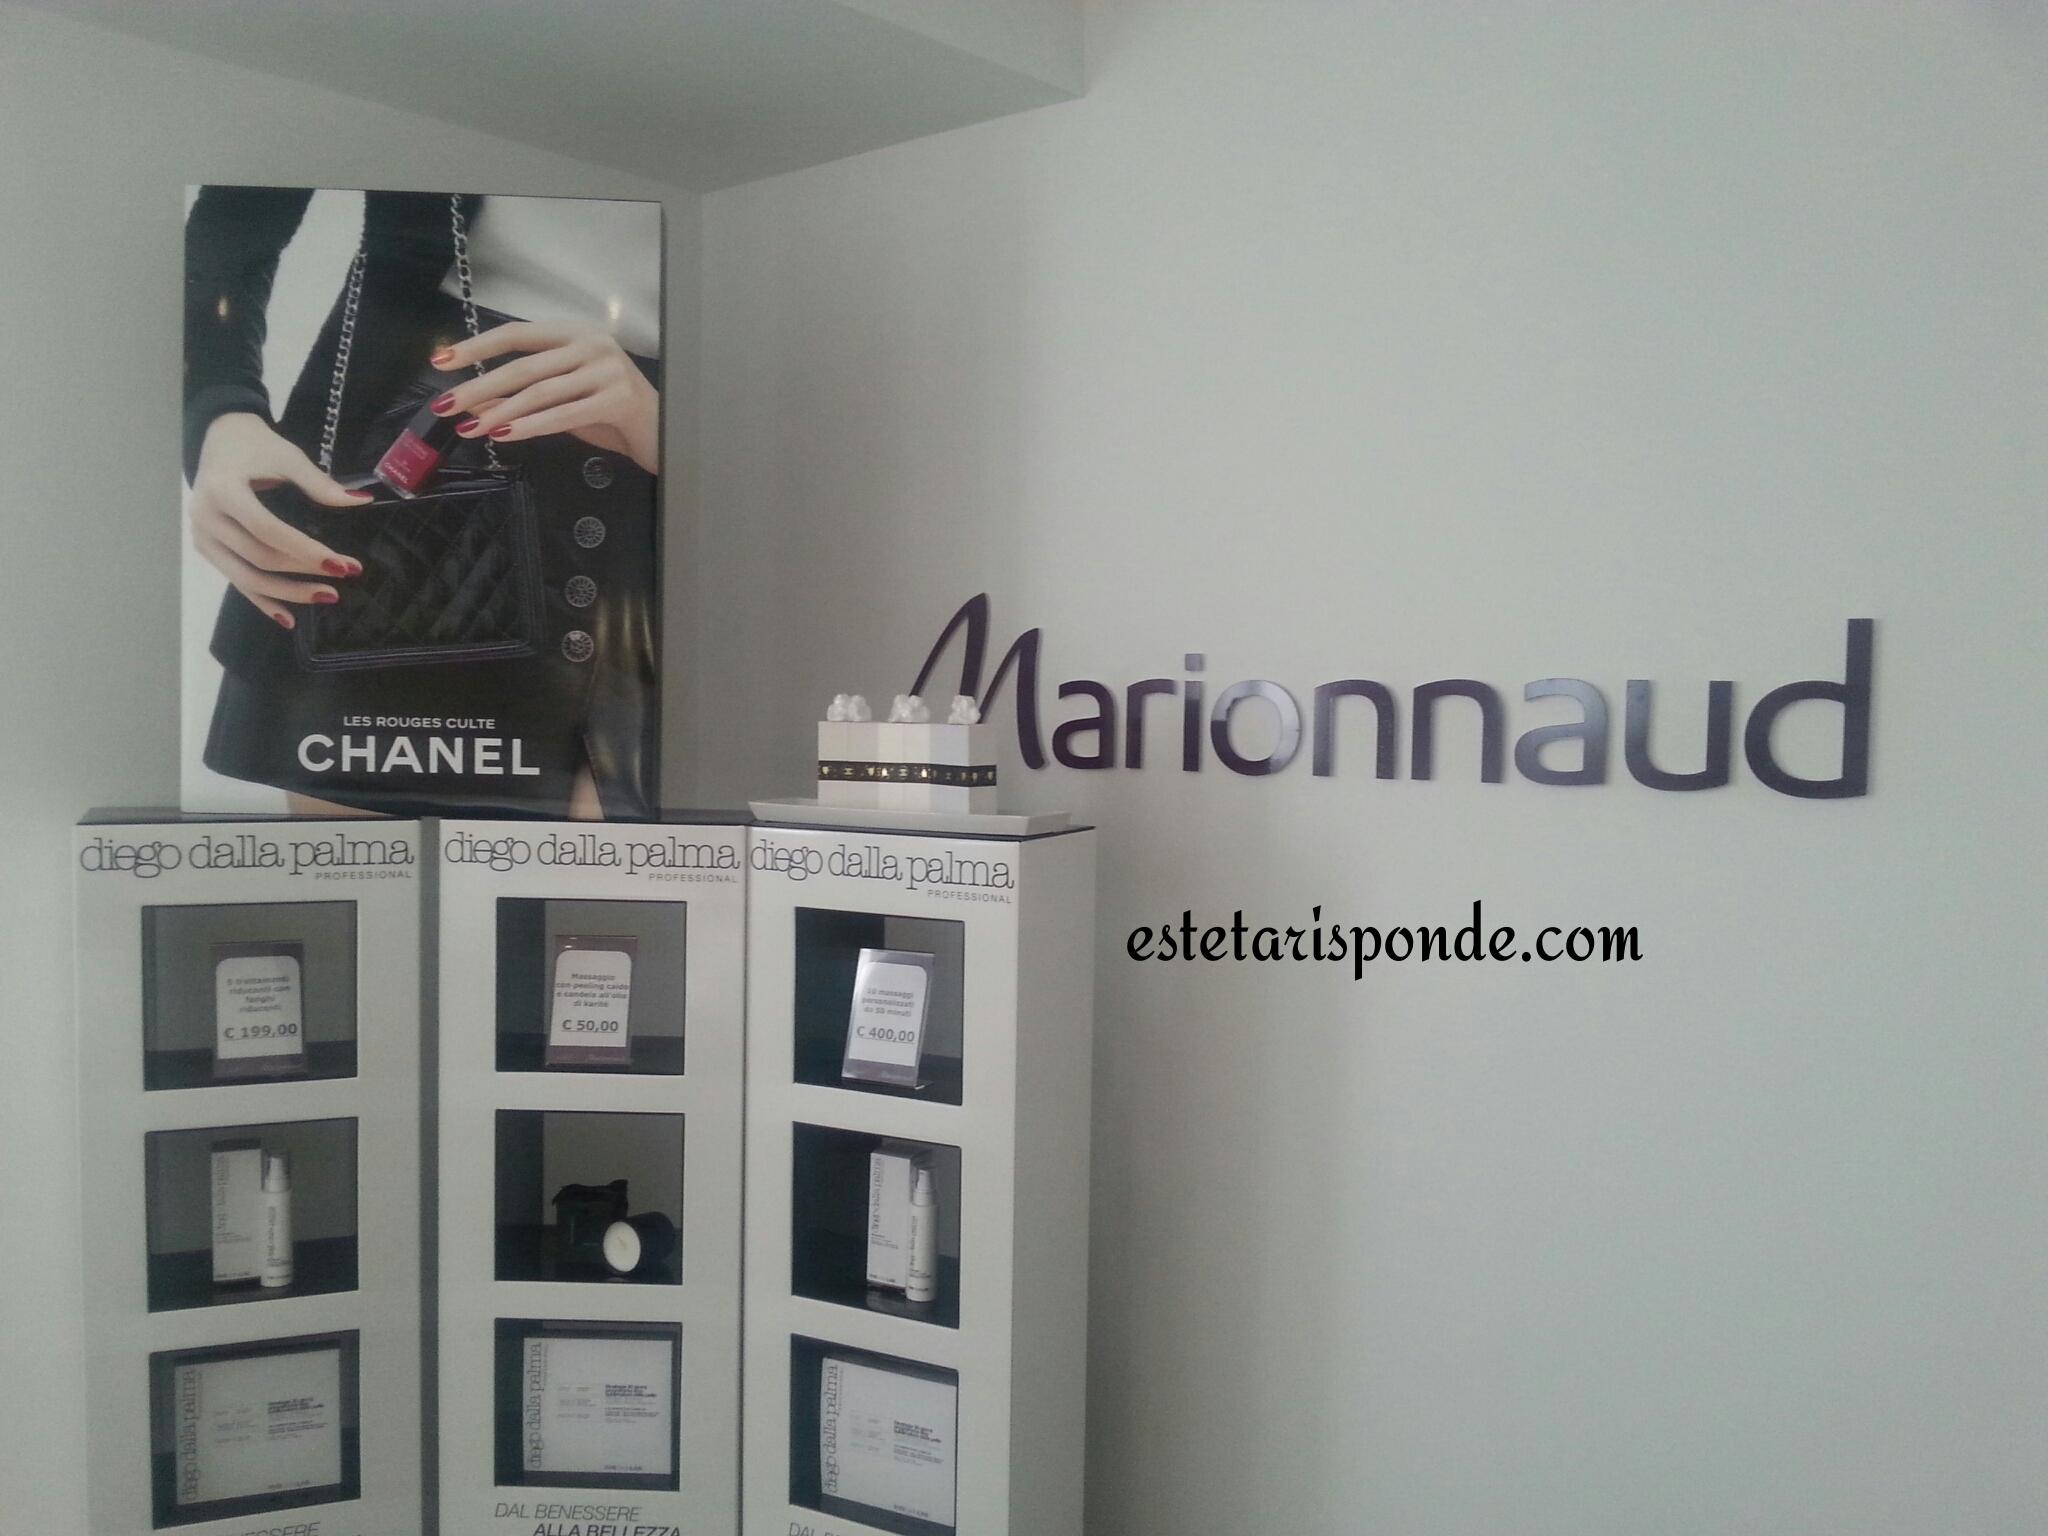 Marionnaud M.Institut - Firenze Viale Talenti